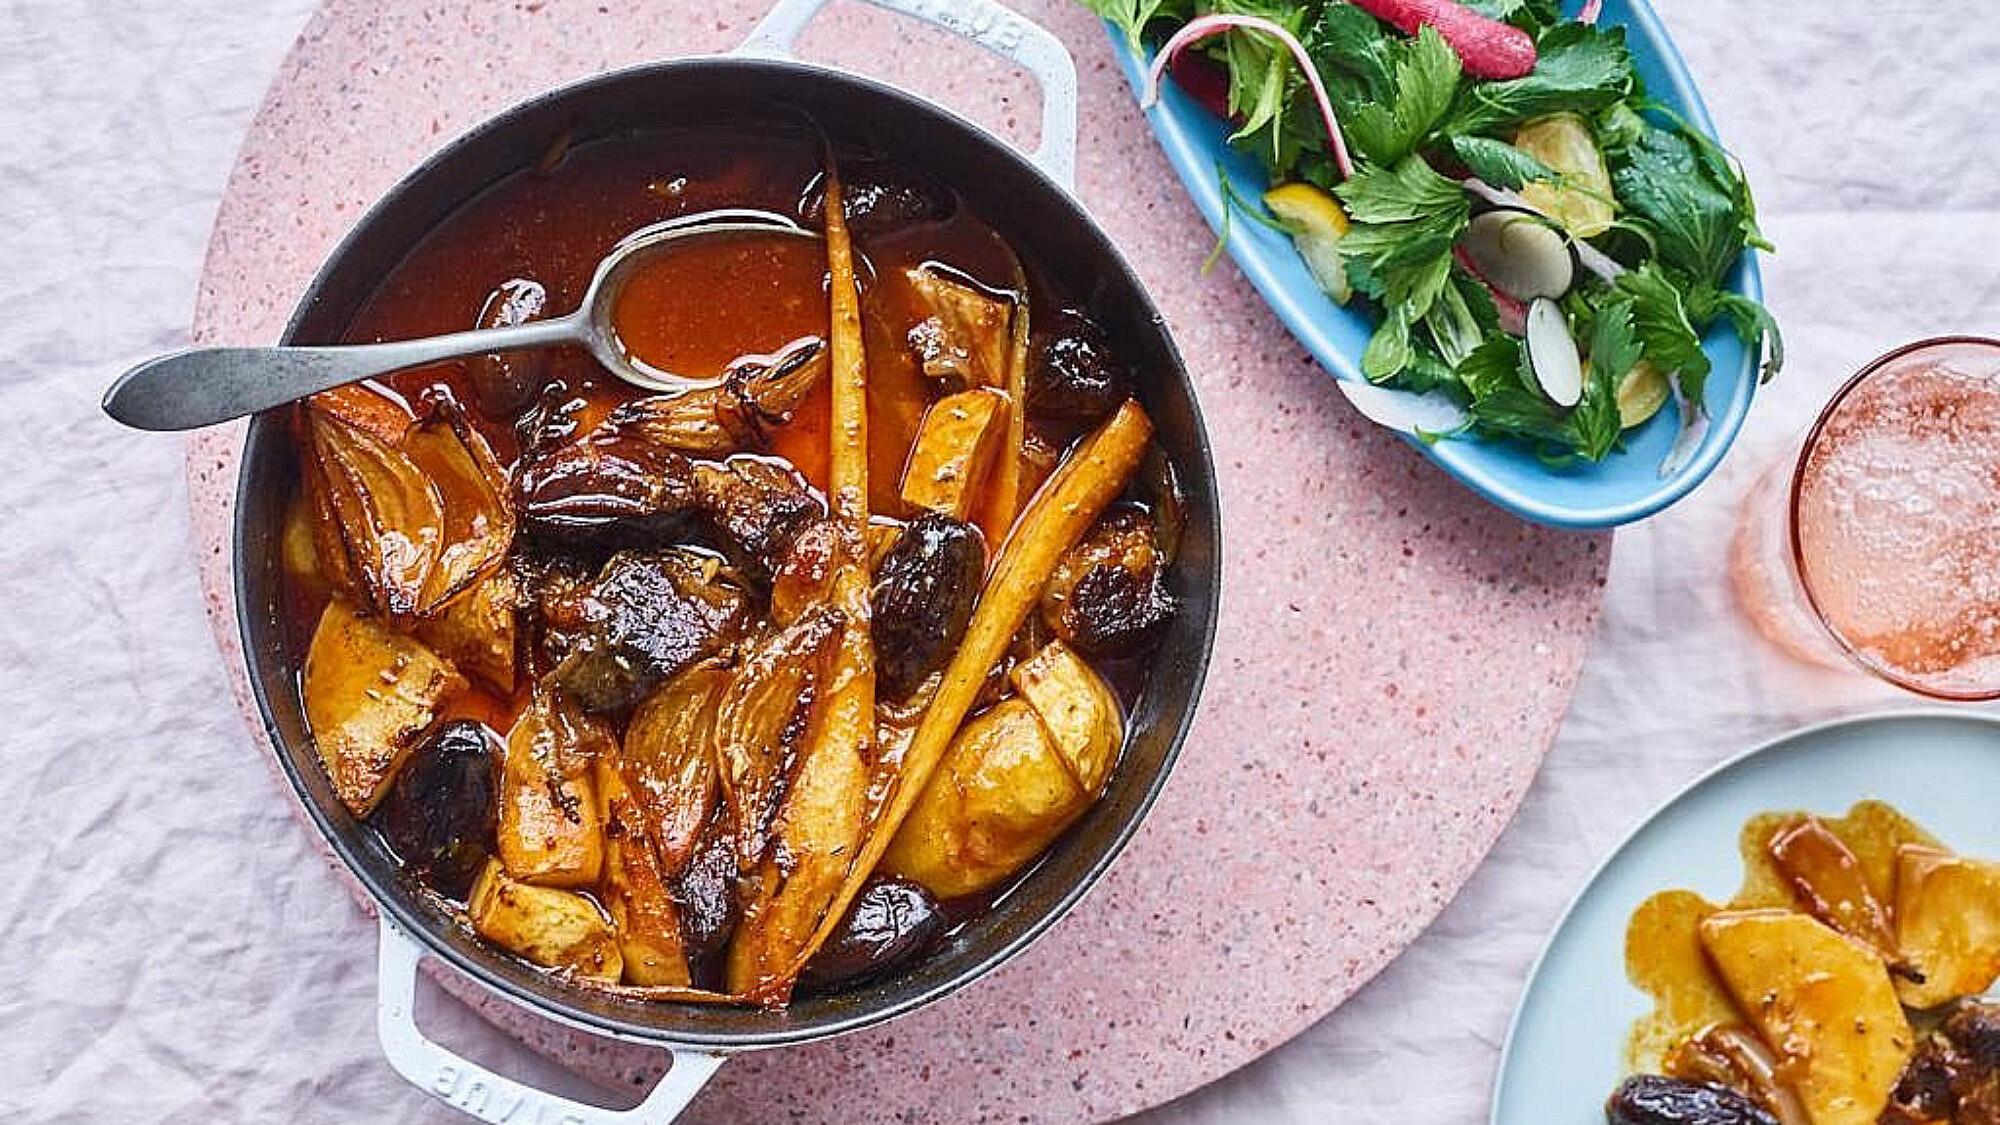 צלי בקר עם ירקות שורש ותמרי מג'הול של עדינה זוסמן. צילום: דן פרץ, סגנון: נורית קריב